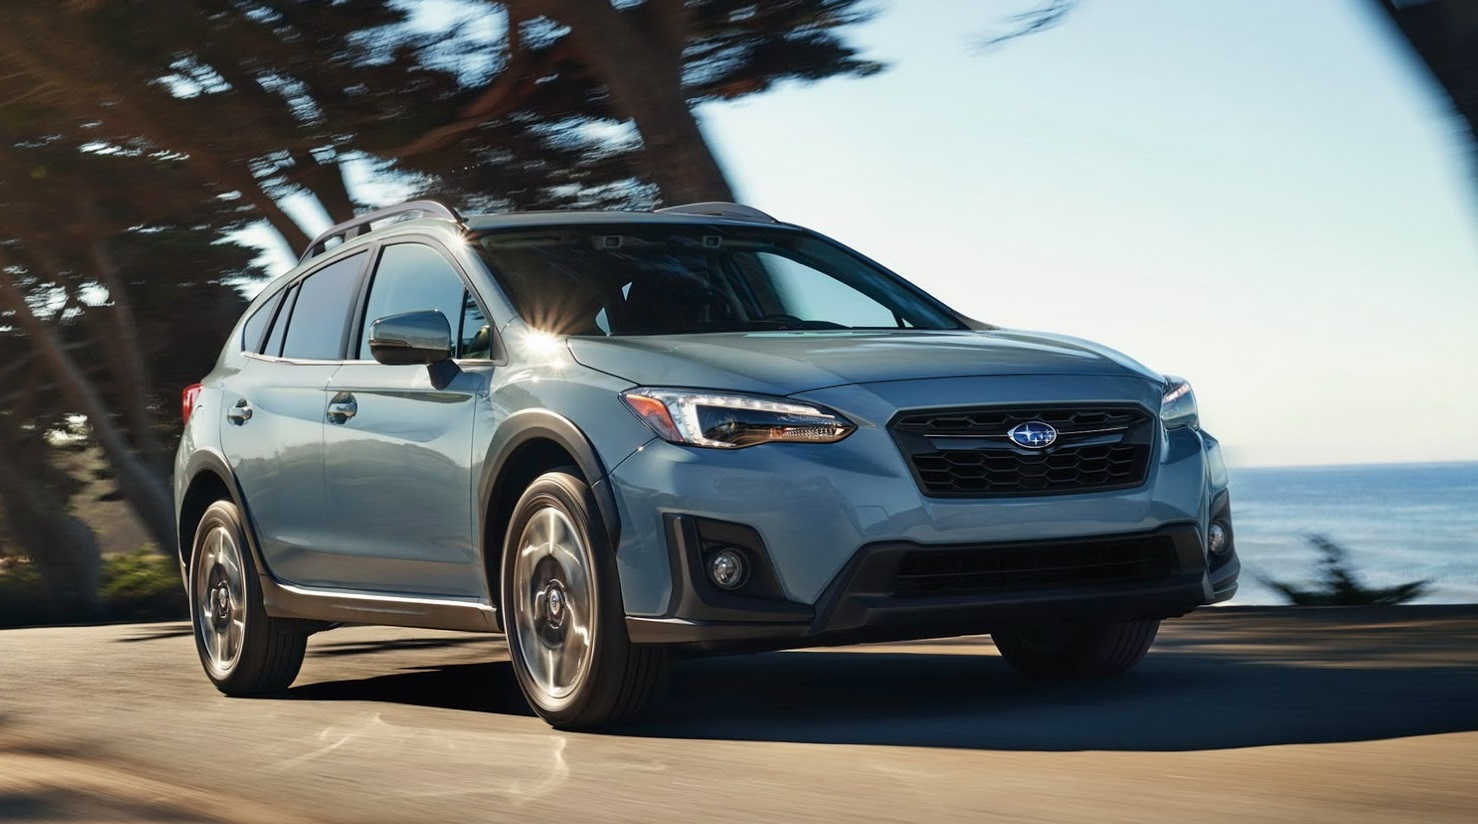 Премьера нового Subaru Outback состоится в Нью-Йорке